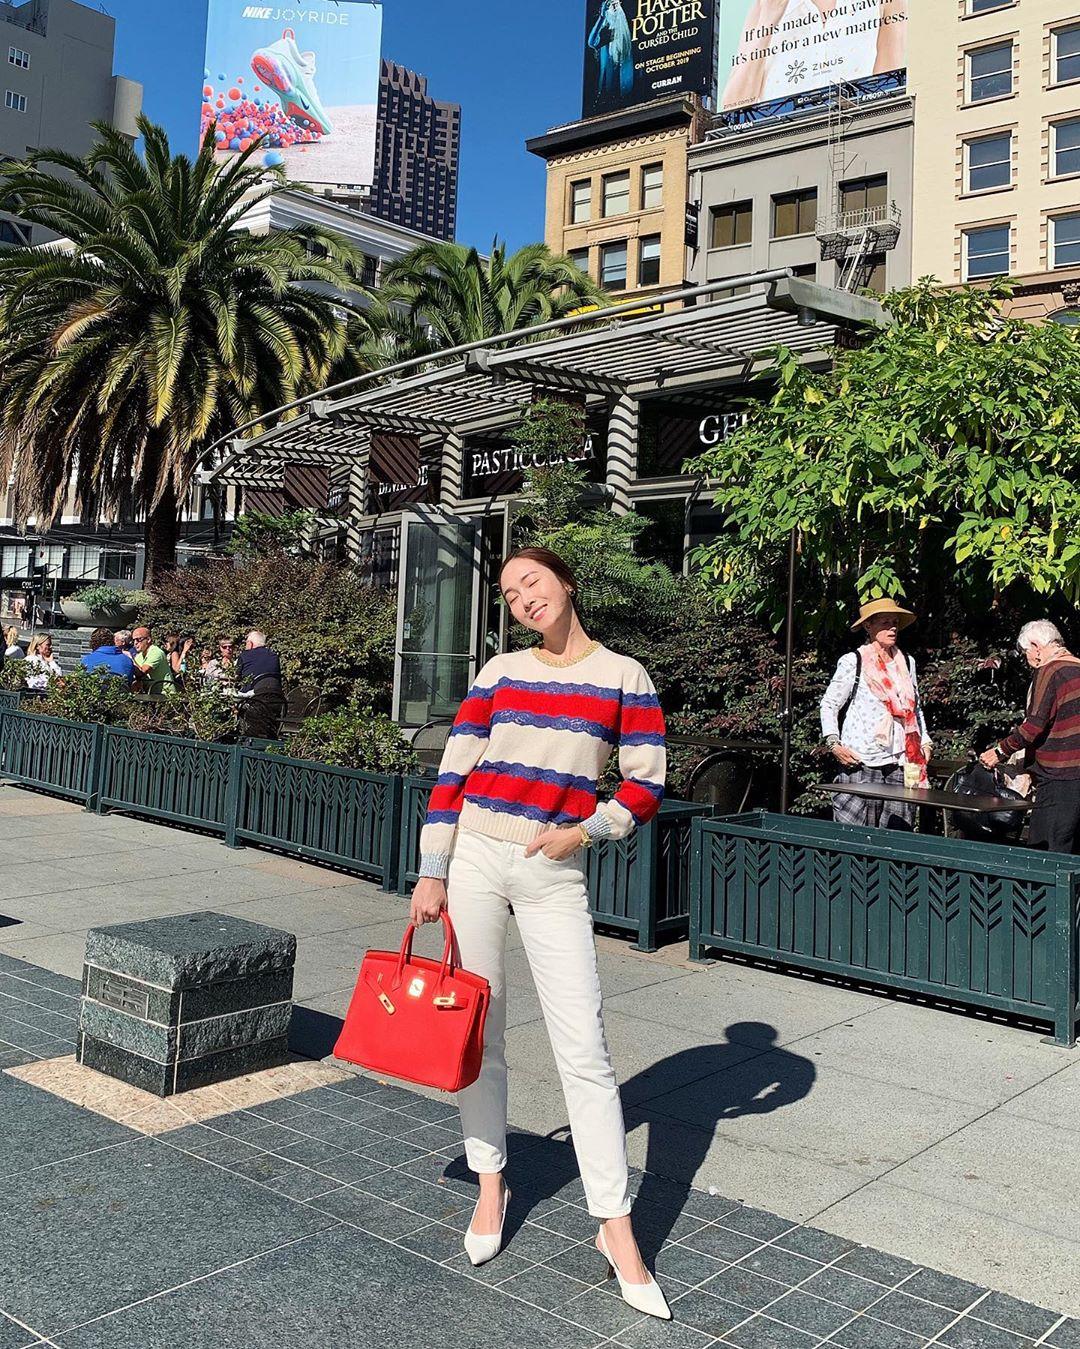 cách phối đồ nổi bật của jessica jung với quần jeans và áo sweater